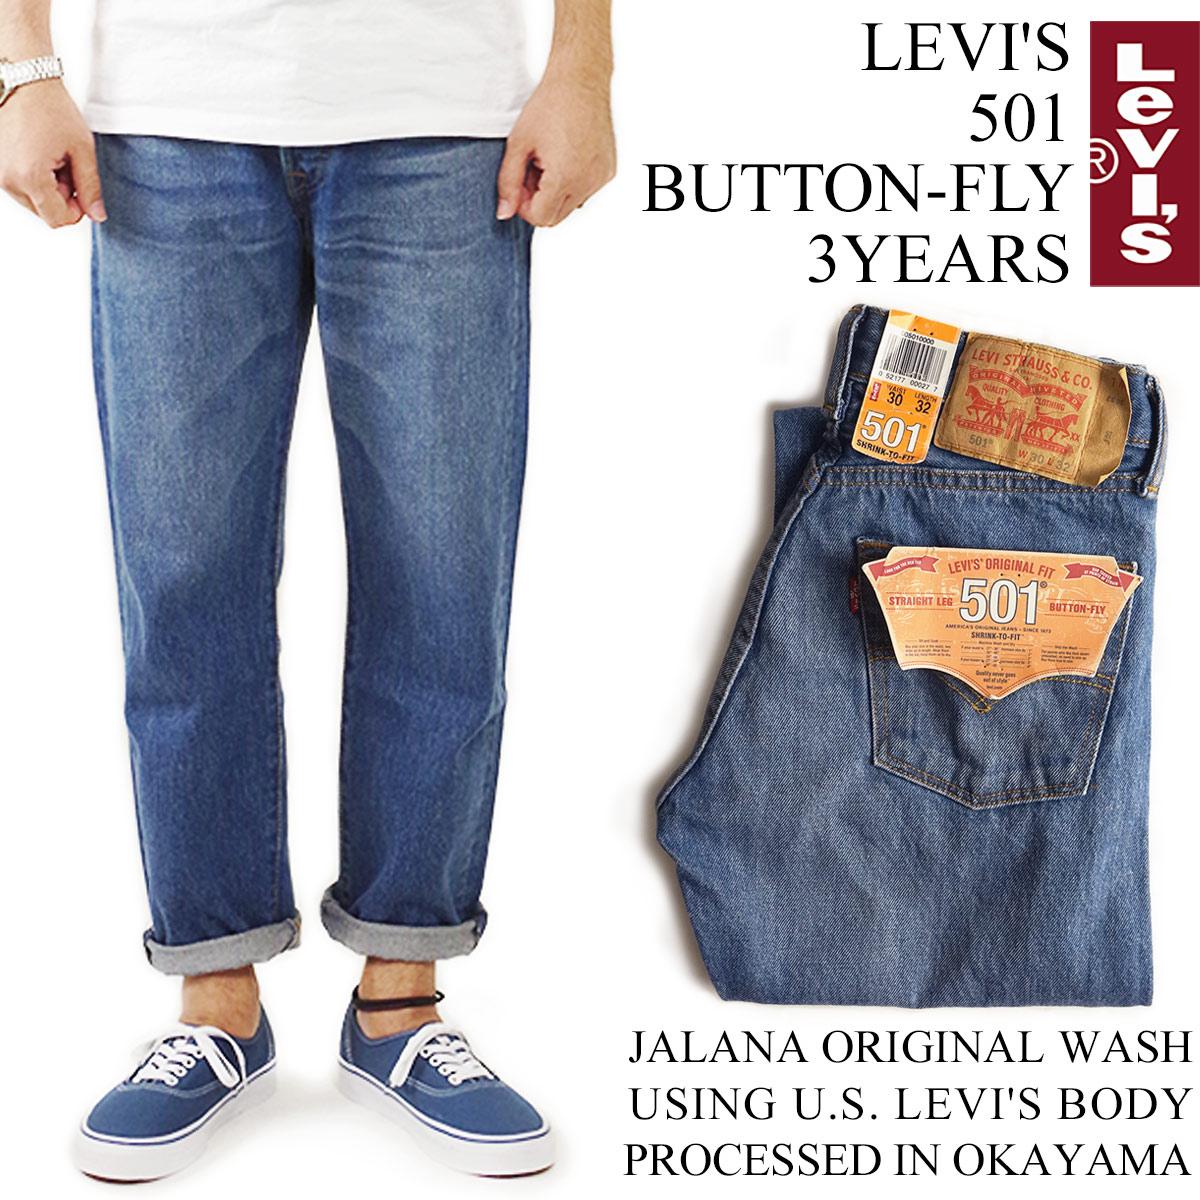 リーバイス LEVI'S 501 オリジナルユーズドウォッシュ 3イヤーズ 2nd (jalana WASH 3years ストレート デニム ボタンフライ)